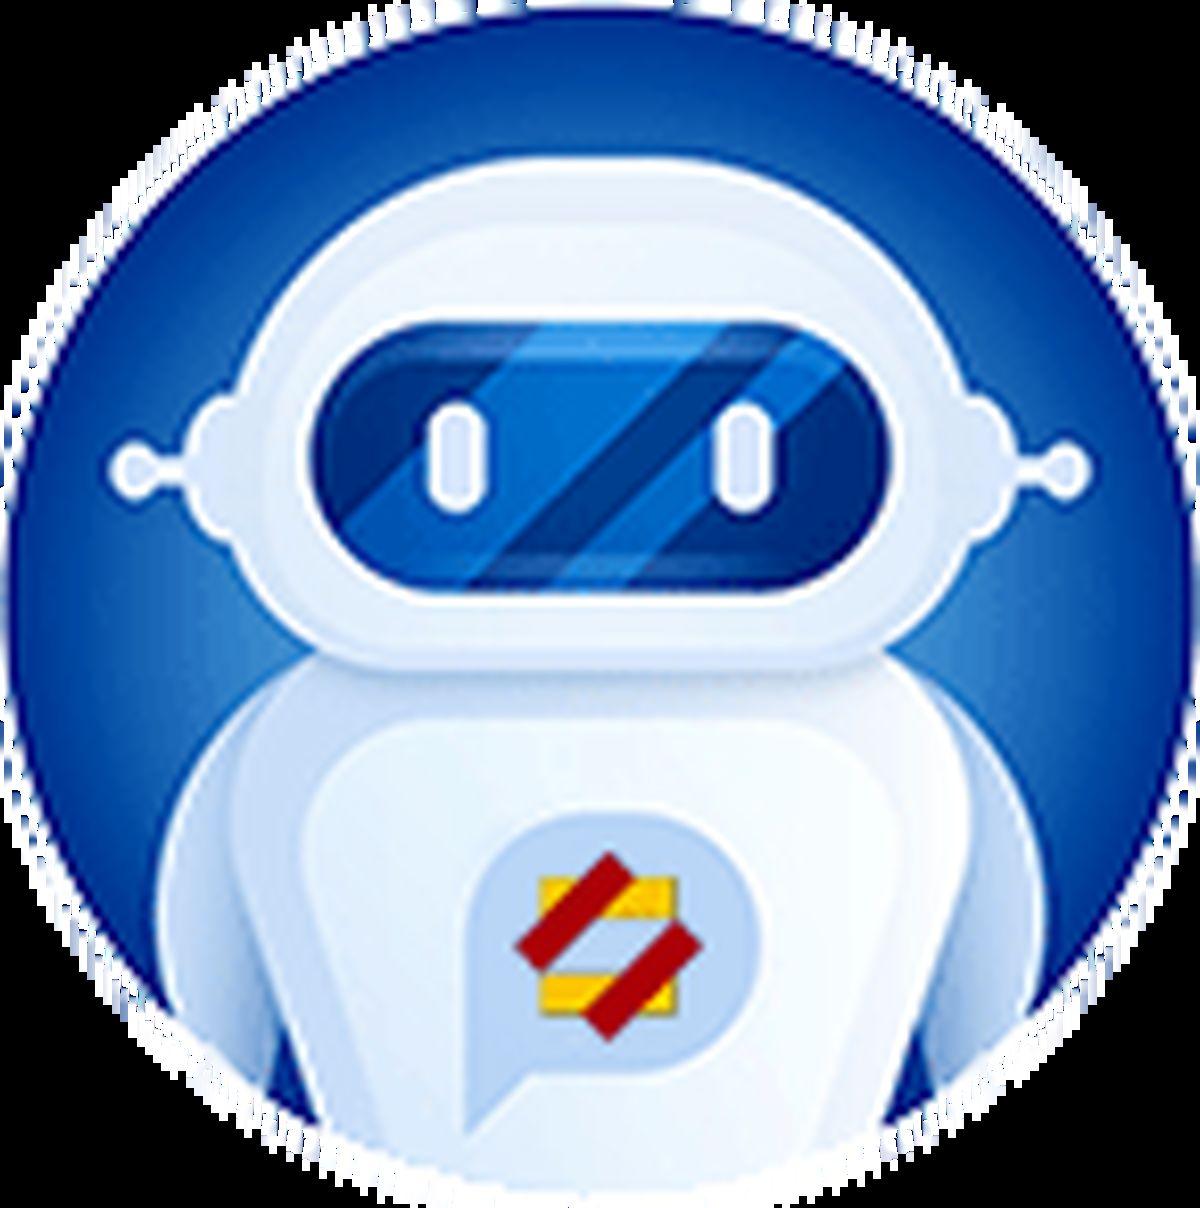 رونمایی از روبات هوشمند پاسخگو بانک انصار